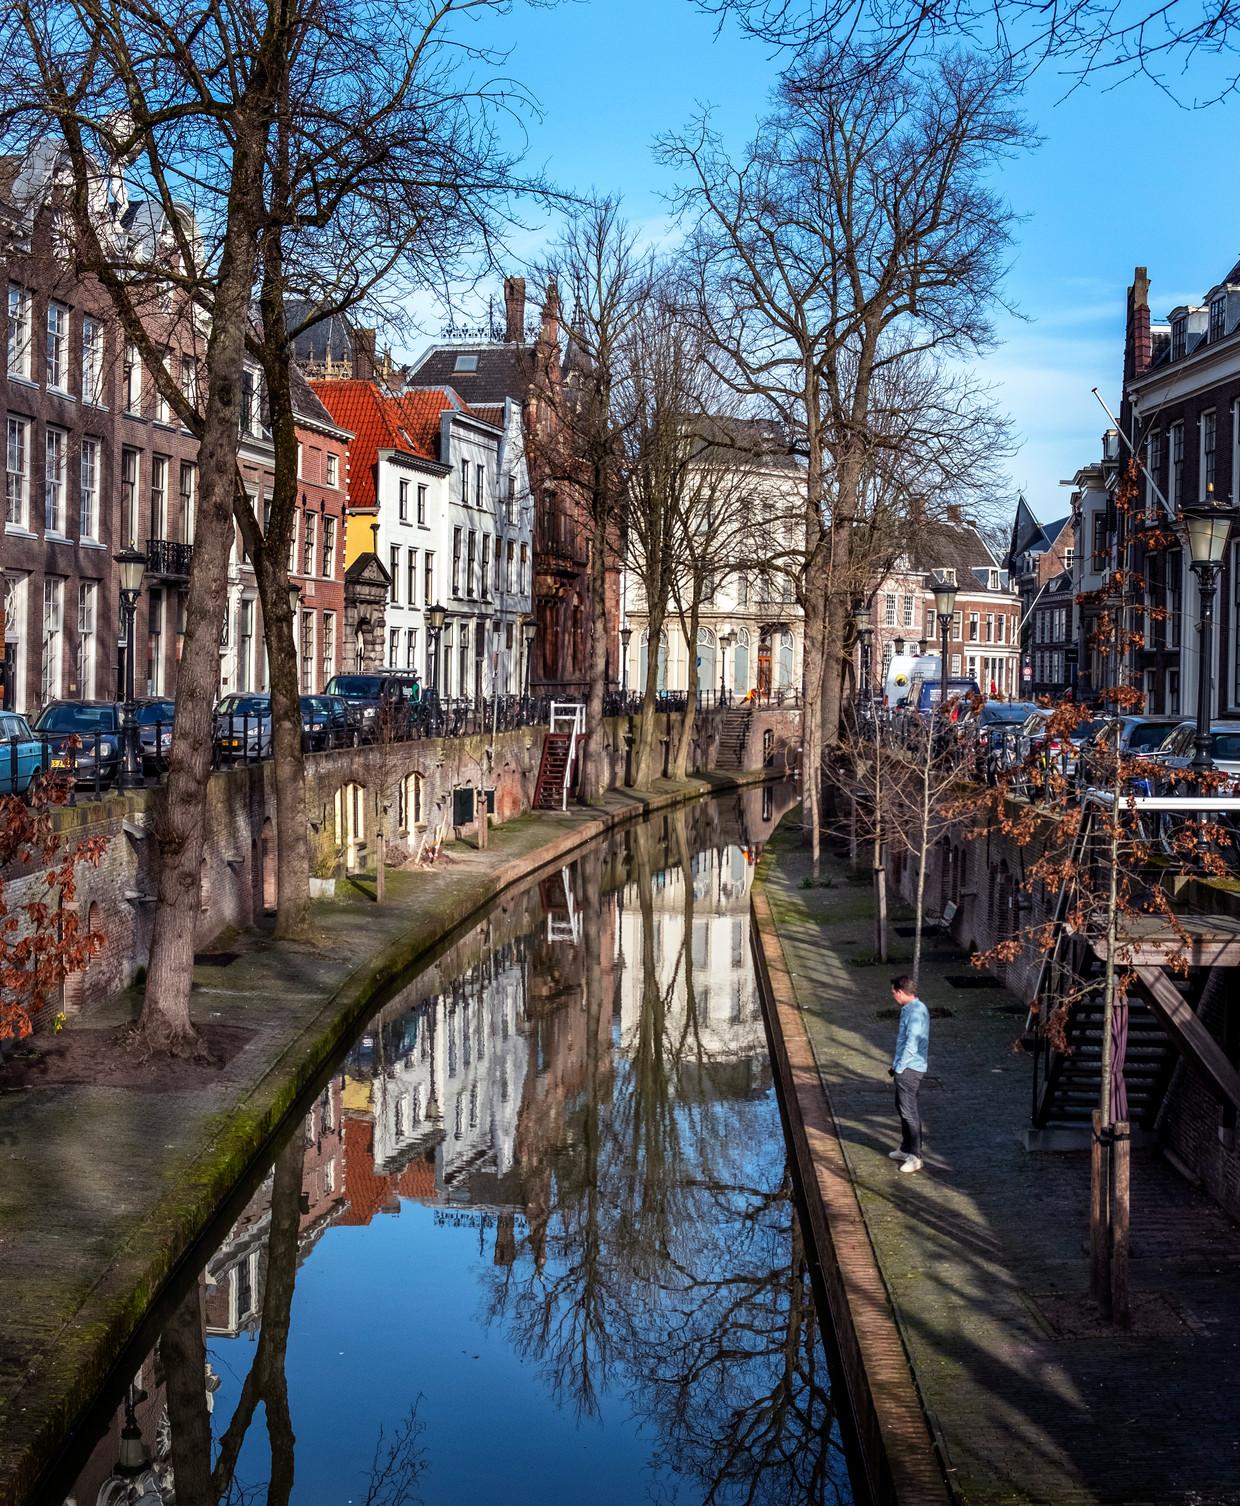 Het oude centrum van Utrecht.  Beeld Raymond rutting / De Volkskrant